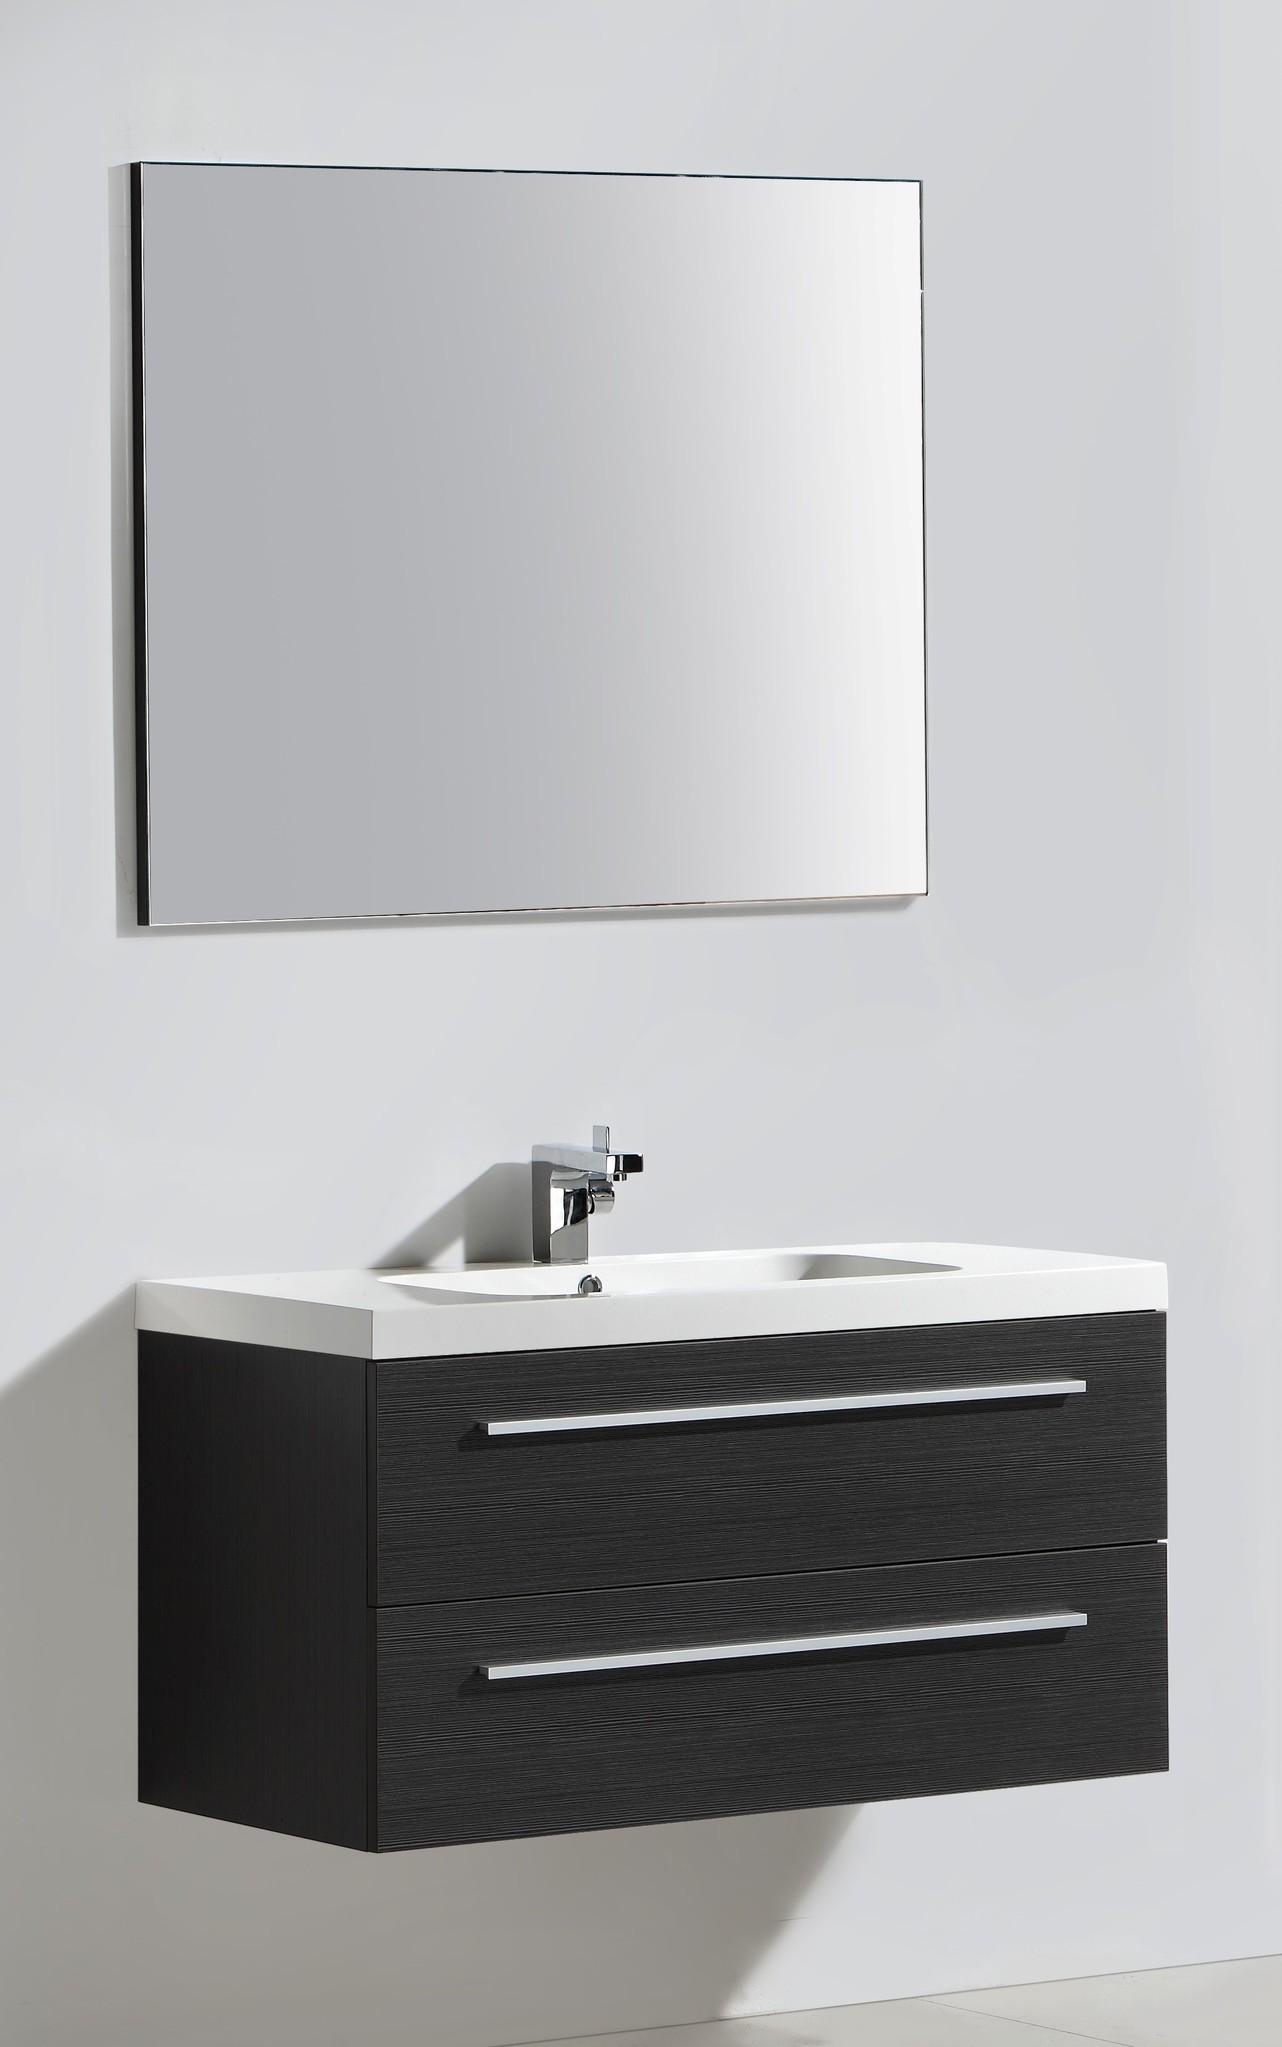 Badmeubelset RN 100 met greep inclusief standaard spiegel